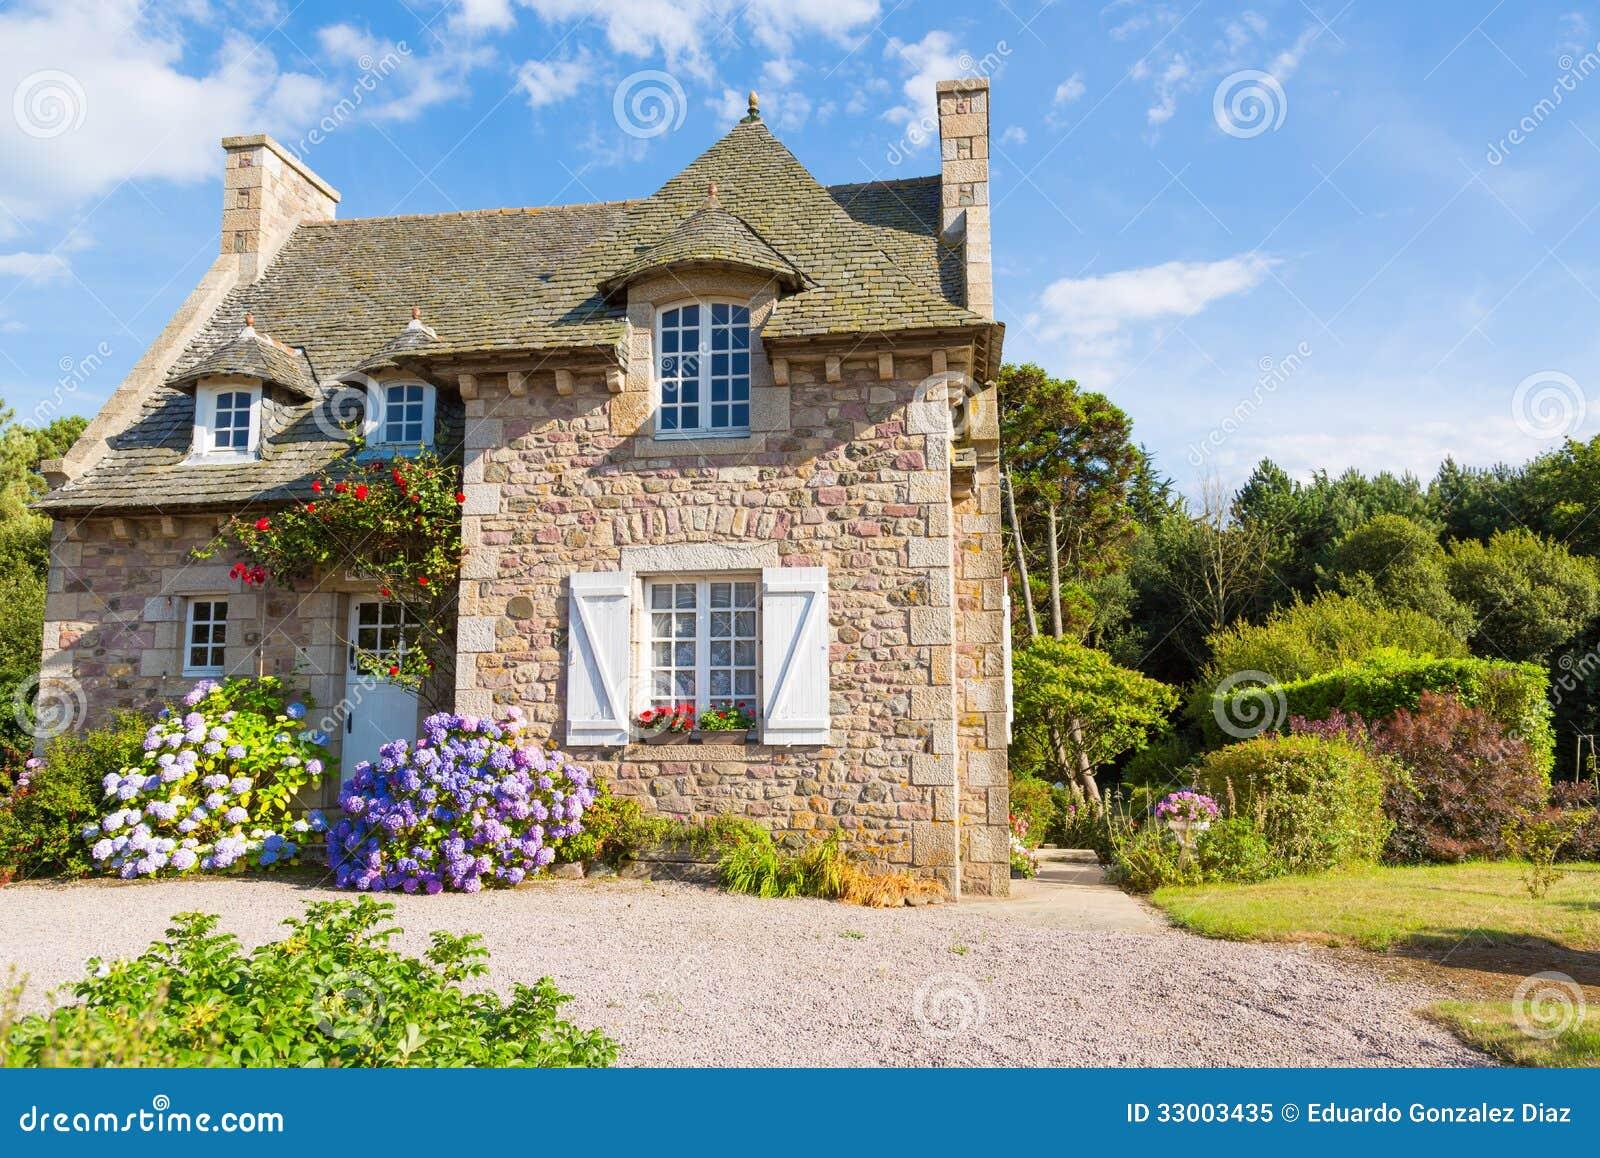 Het franse typische huis van bretagne stock afbeelding afbeelding 33003435 - Ingang van het hedendaagse huis ...